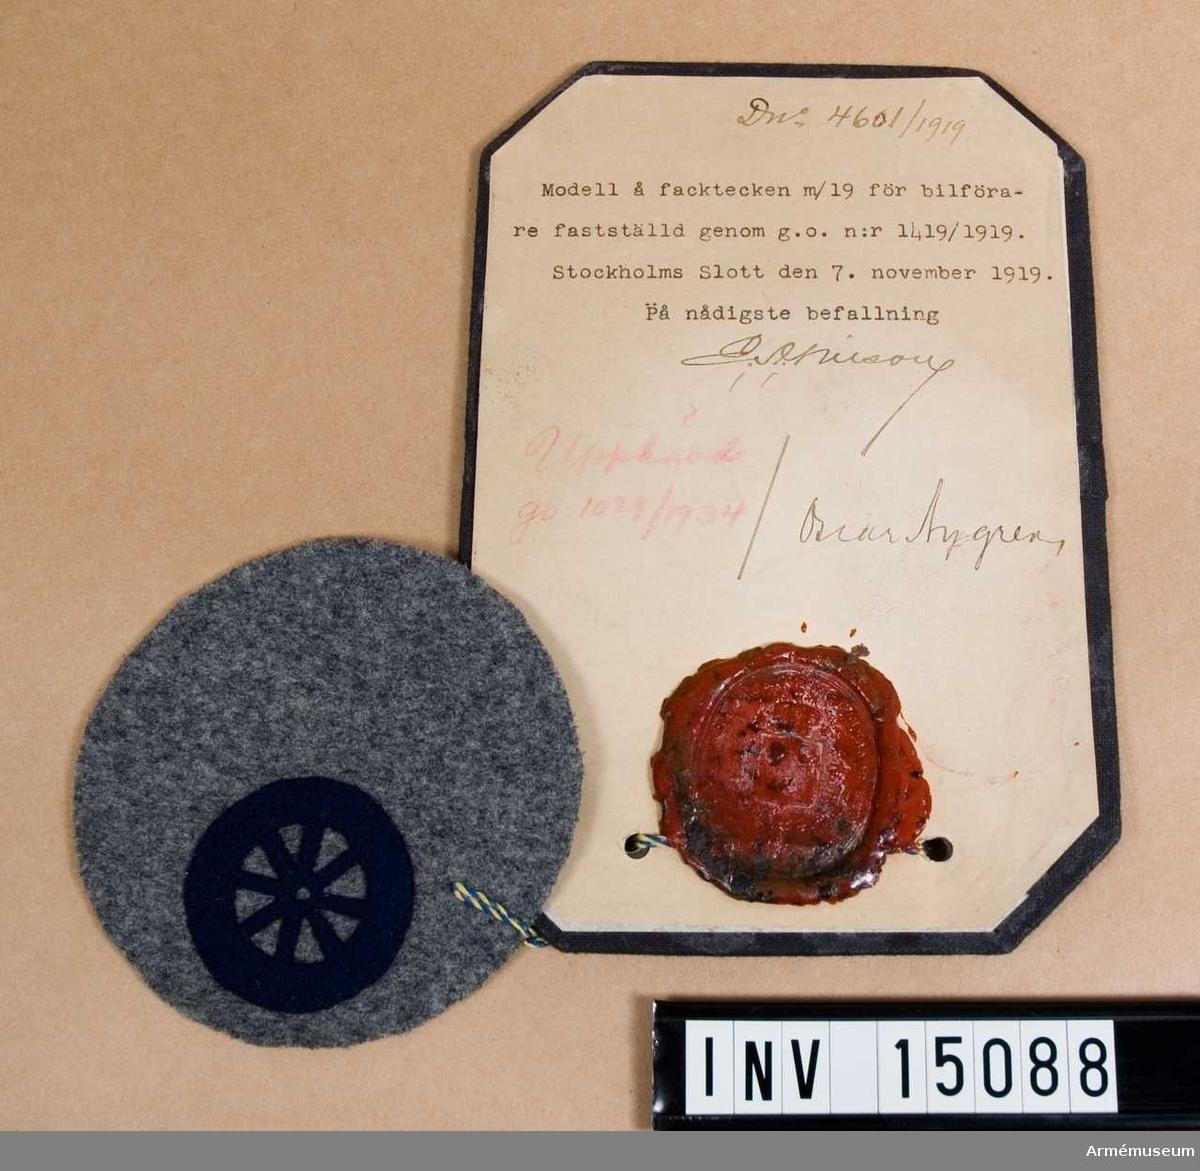 Grupp C I.  Modell å facktecken m/1919 för bilförare, fastställd genom go nr 1419/1919 den 1919-11-07. Upphävd genom go nr 1029/1934.